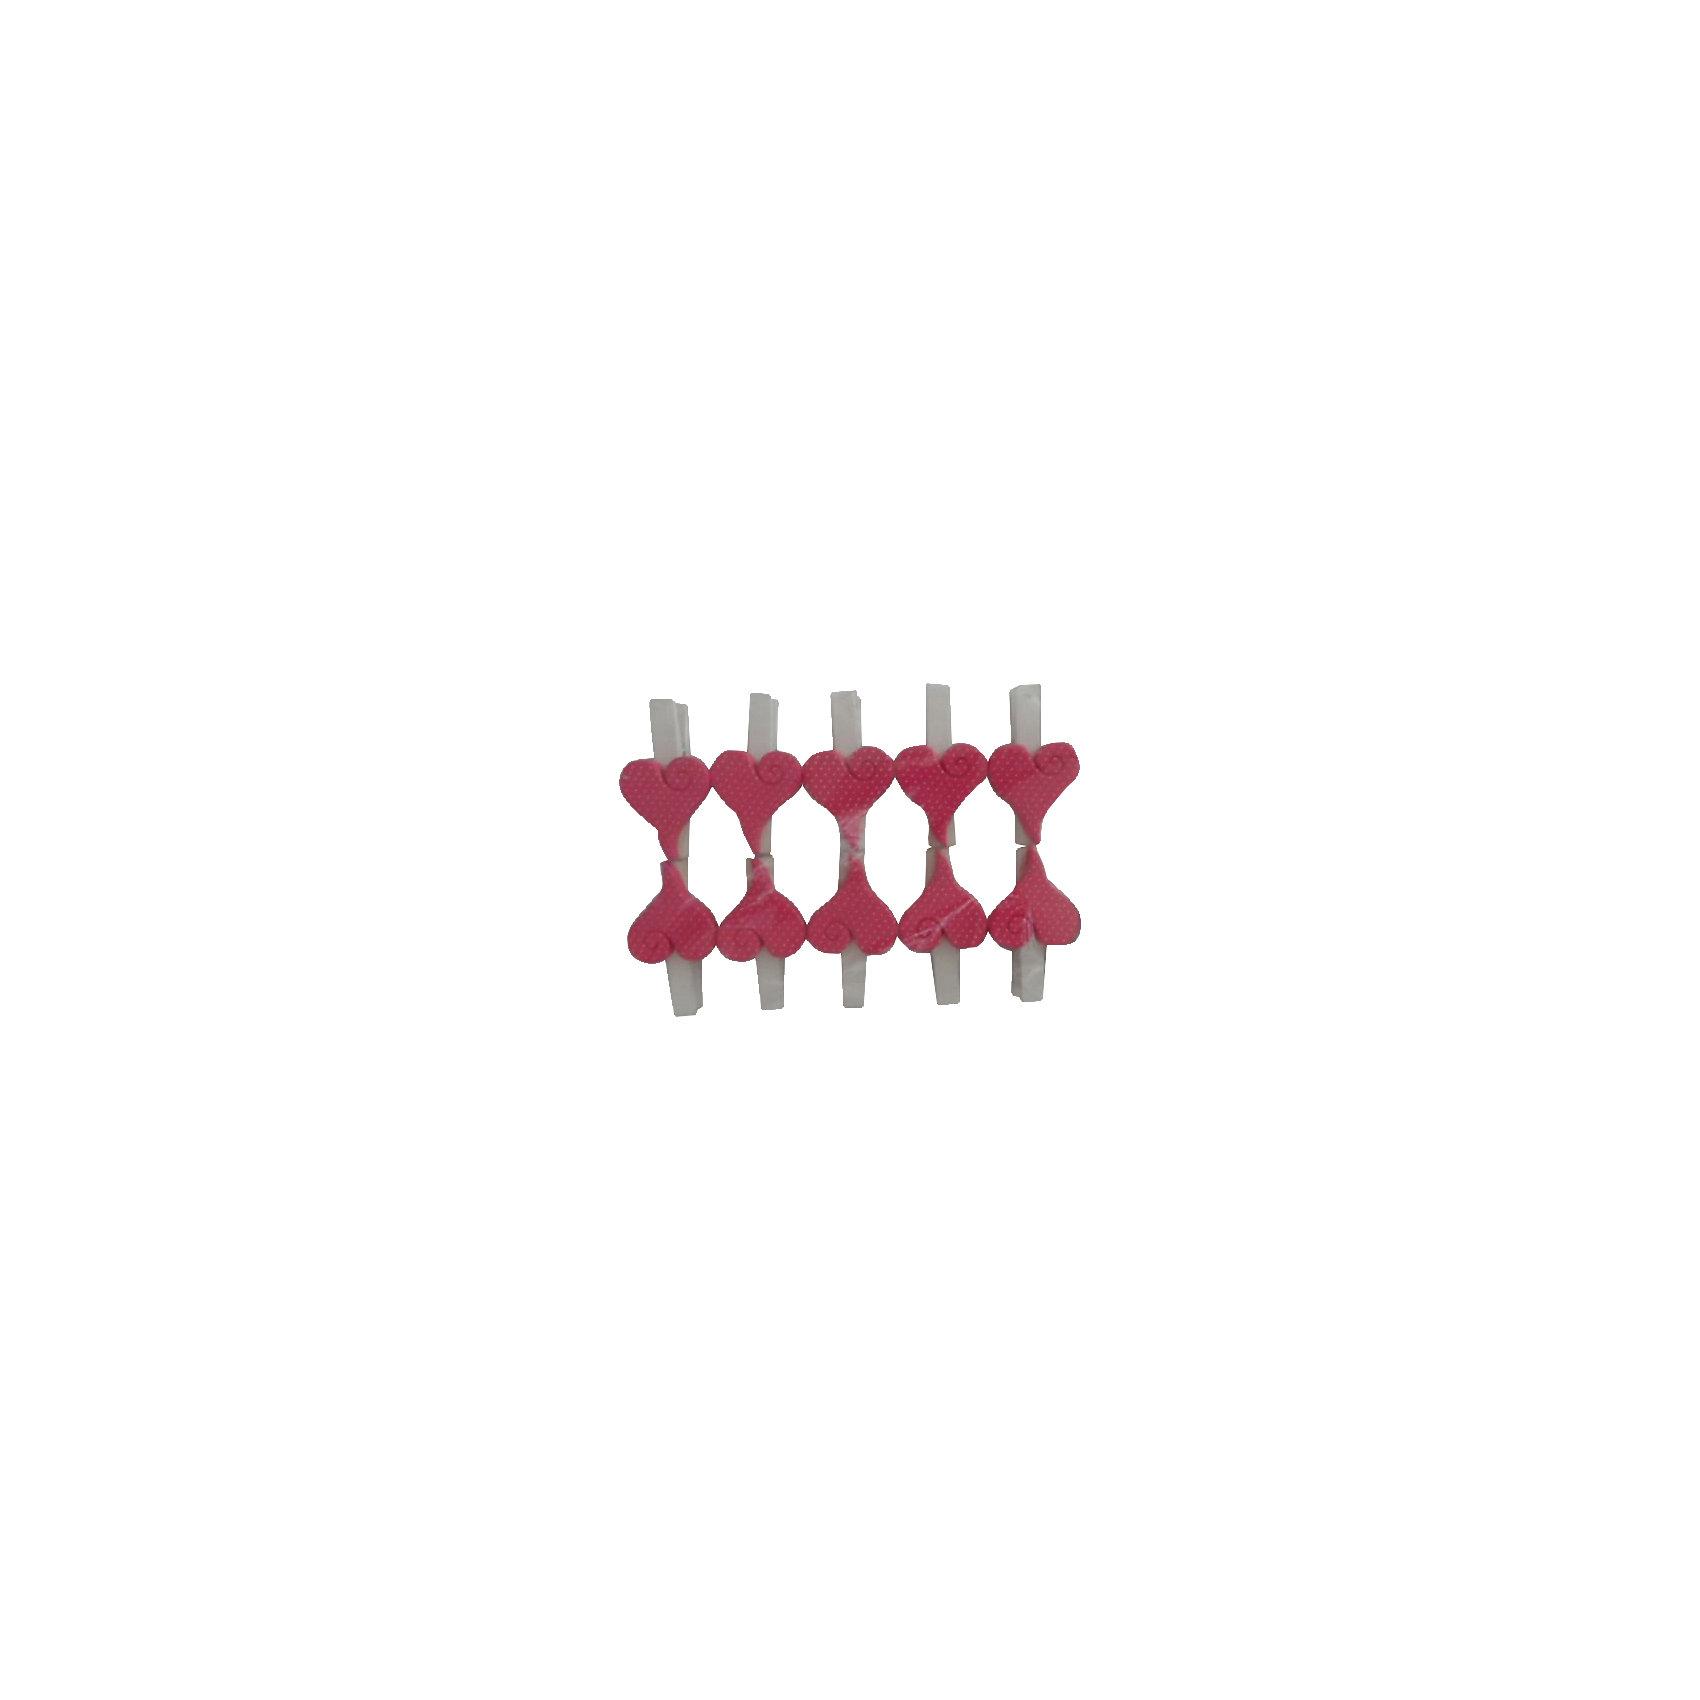 Набор декоративных прищепок Розовые сердечки 10 штНабор декоративных прищепок Розовые сердечки замечательно украсит Ваш интерьер и поможет красиво оформить домашний праздник или вечеринку. Они прекрасно подойдут для развешивания на веревке стикеров, маленьких игрушек и различных украшений. Прищепки<br>выполнены из окрашенной древесины березы и декорированы фигурками из полирезины в виде ярких розовых сердечек. В комплект входят 10 прищепок. <br><br>Дополнительная информация:<br><br>- В комплекте: 10 шт.<br>- Материал: древесина березы, полирезина. <br>- Размер упаковки: 14,2 х 9,6 х 2,3 см.<br>- Вес: 82 гр.<br><br>Набор декоративных прищепок Розовые сердечки 10 шт., Феникс-презент, можно купить в нашем интернет-магазине.<br><br>Ширина мм: 140<br>Глубина мм: 180<br>Высота мм: 240<br>Вес г: 82<br>Возраст от месяцев: 36<br>Возраст до месяцев: 2147483647<br>Пол: Женский<br>Возраст: Детский<br>SKU: 4501159